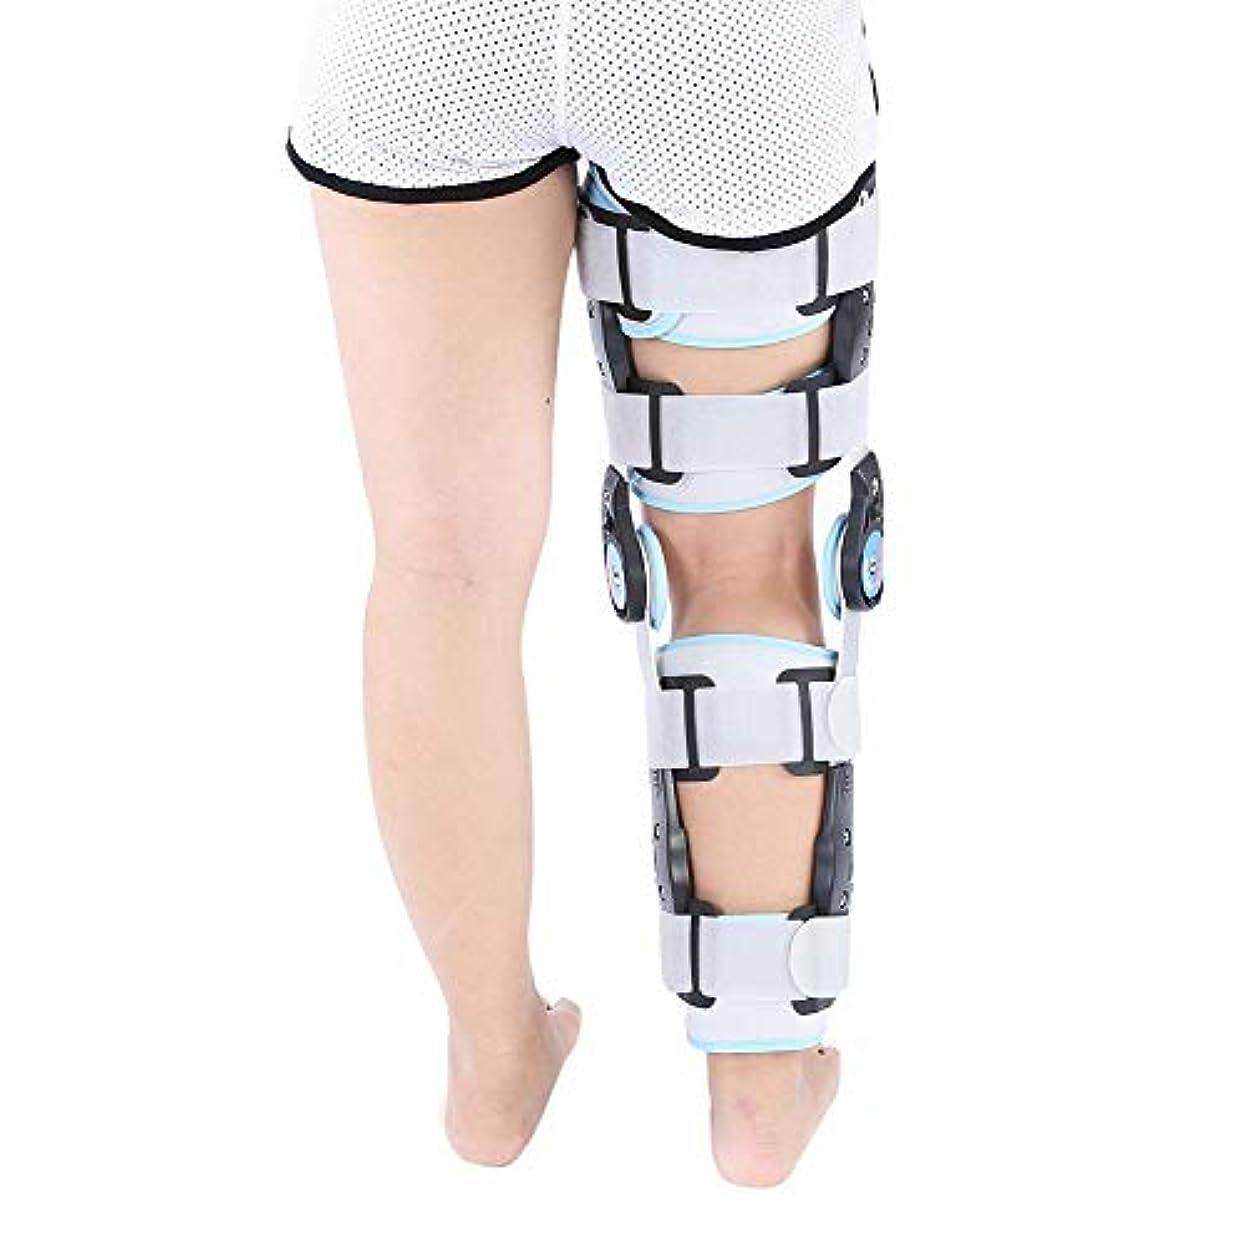 変な無傷残高膝装具固定、ヒンジ付き調整可能な固定安定化骨折サポート